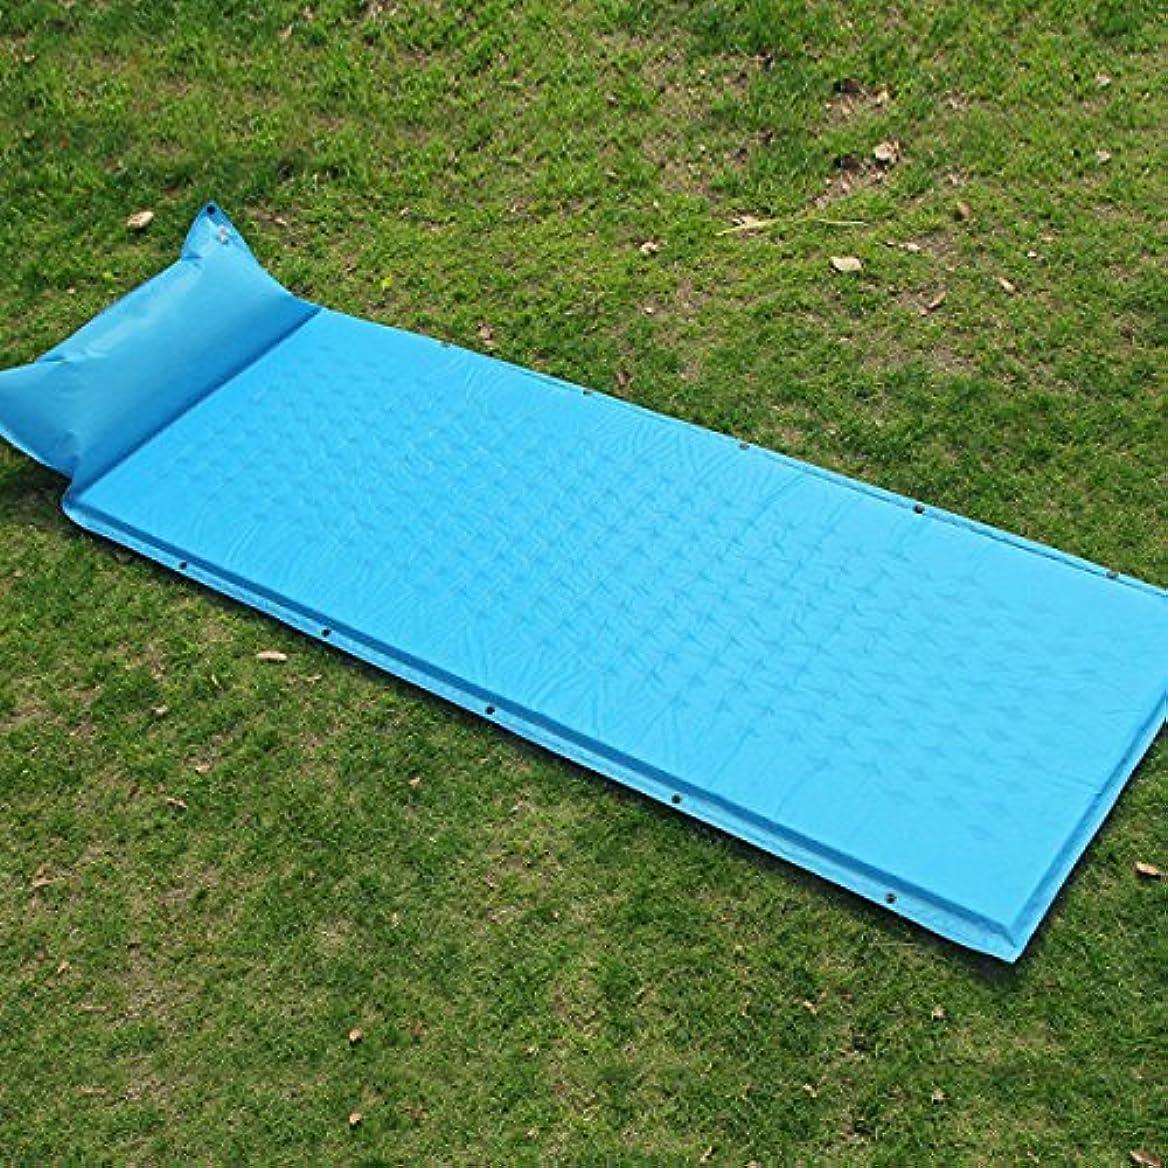 削るインディカシェルポータブルステッチできるSINGOLO Fast Inflate中ハイキングInflatable Sleeping Pad 190*65*2.5cm 23568